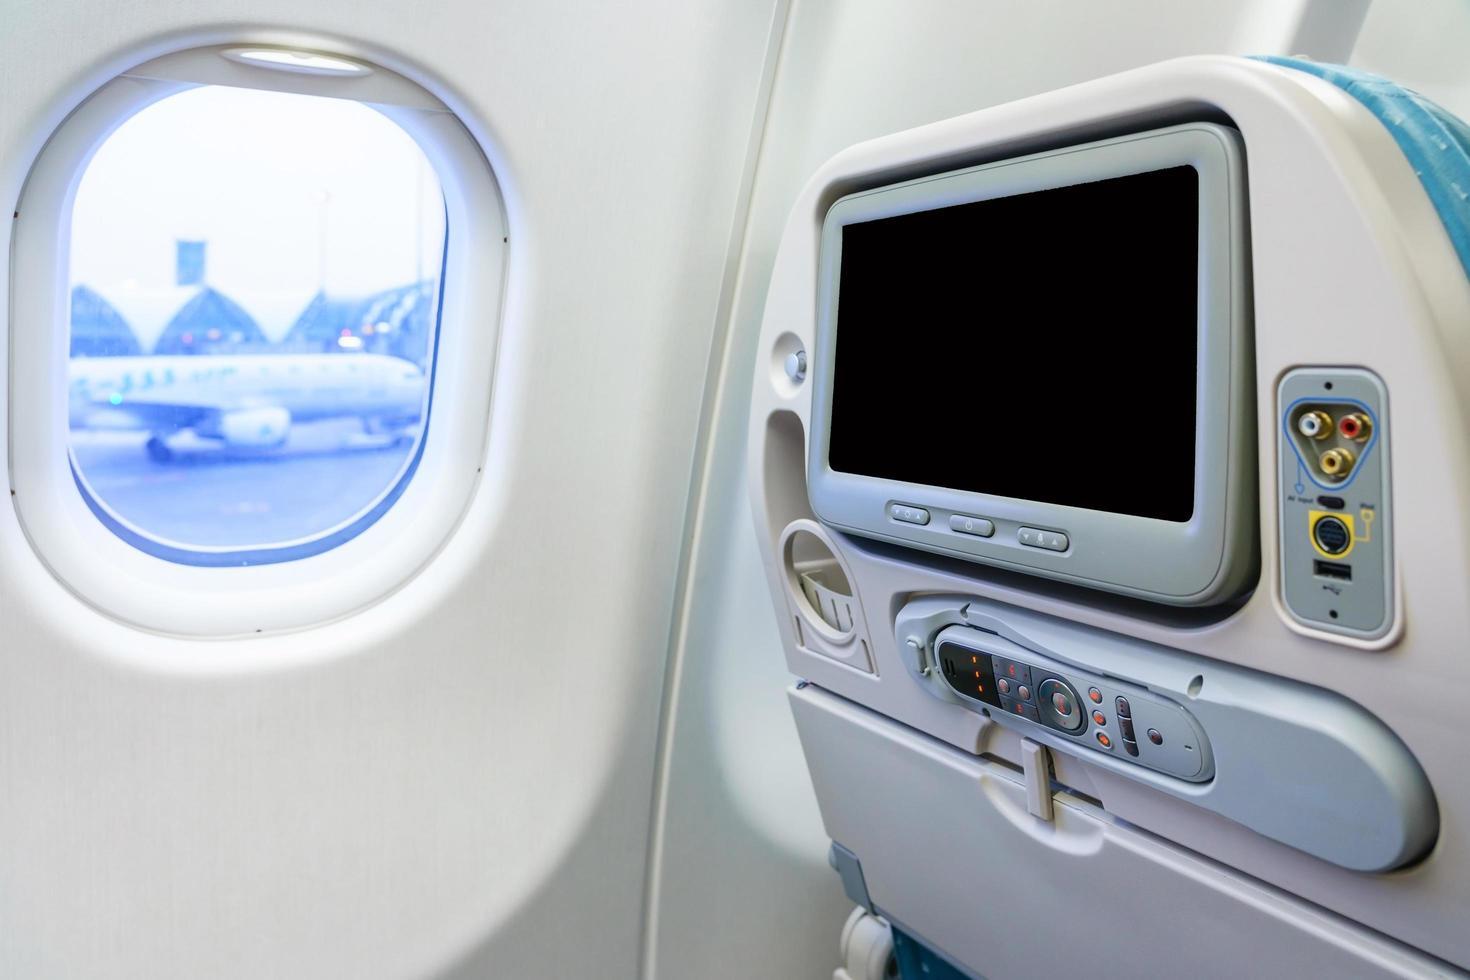 moniteur privé dans le siège d'avion photo